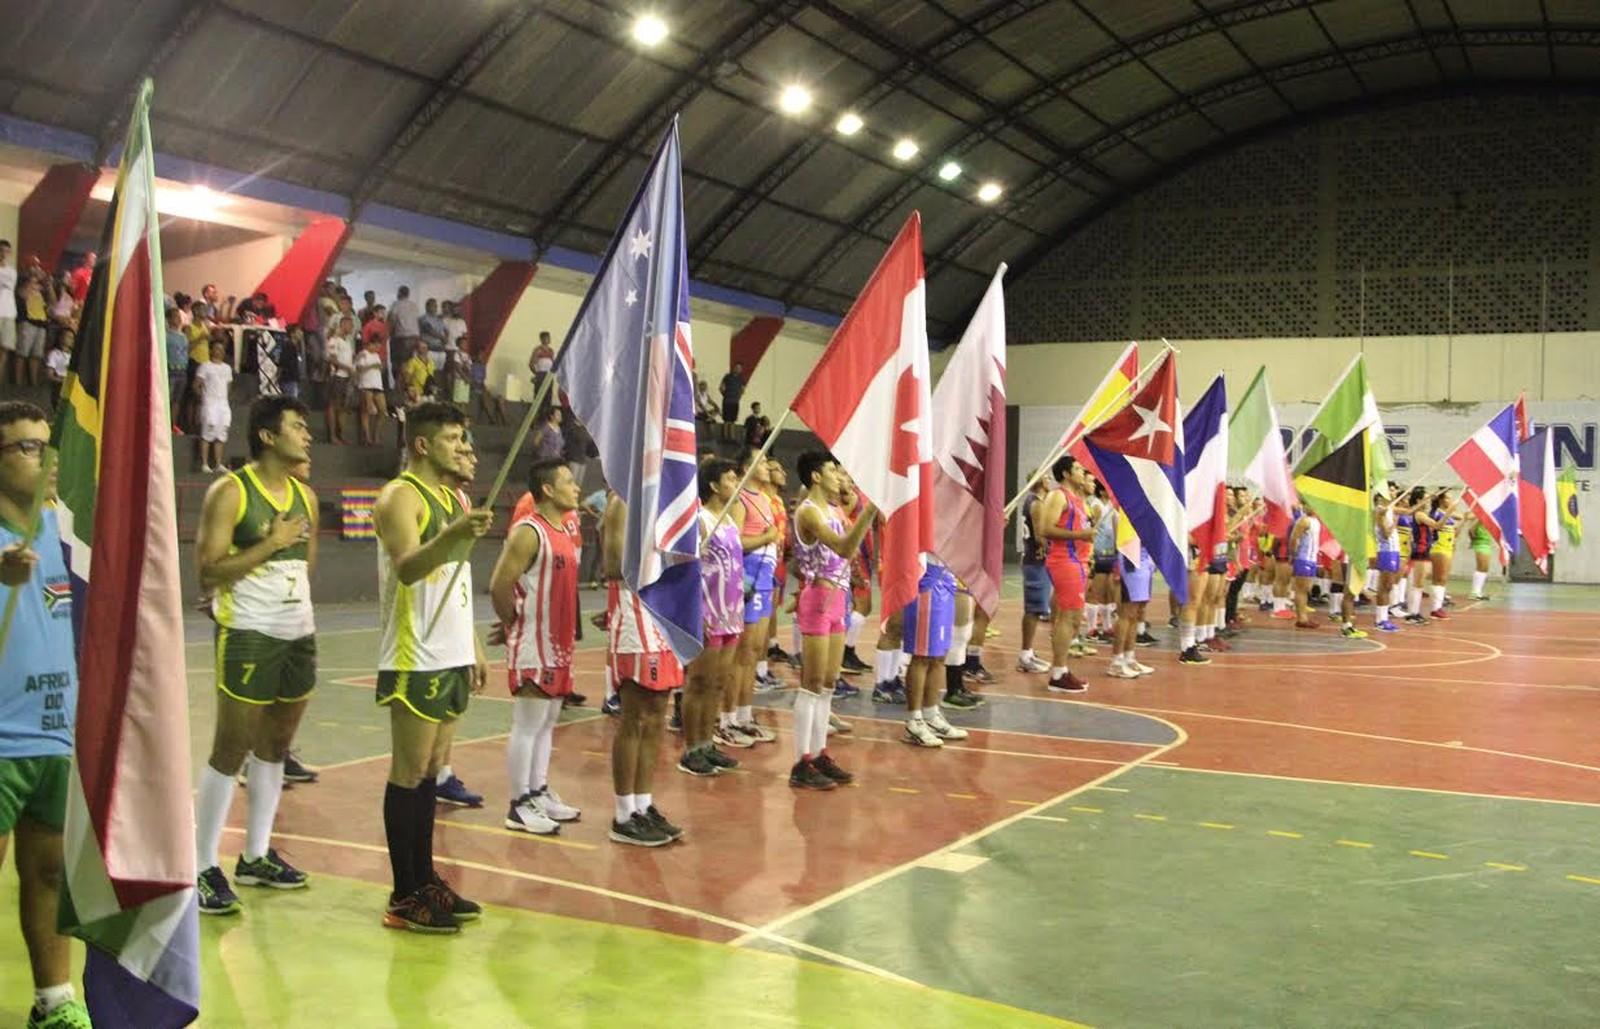 Cuba vence Suécia na abertura do Grand Prix LGBT de Vôlei, em Manaus